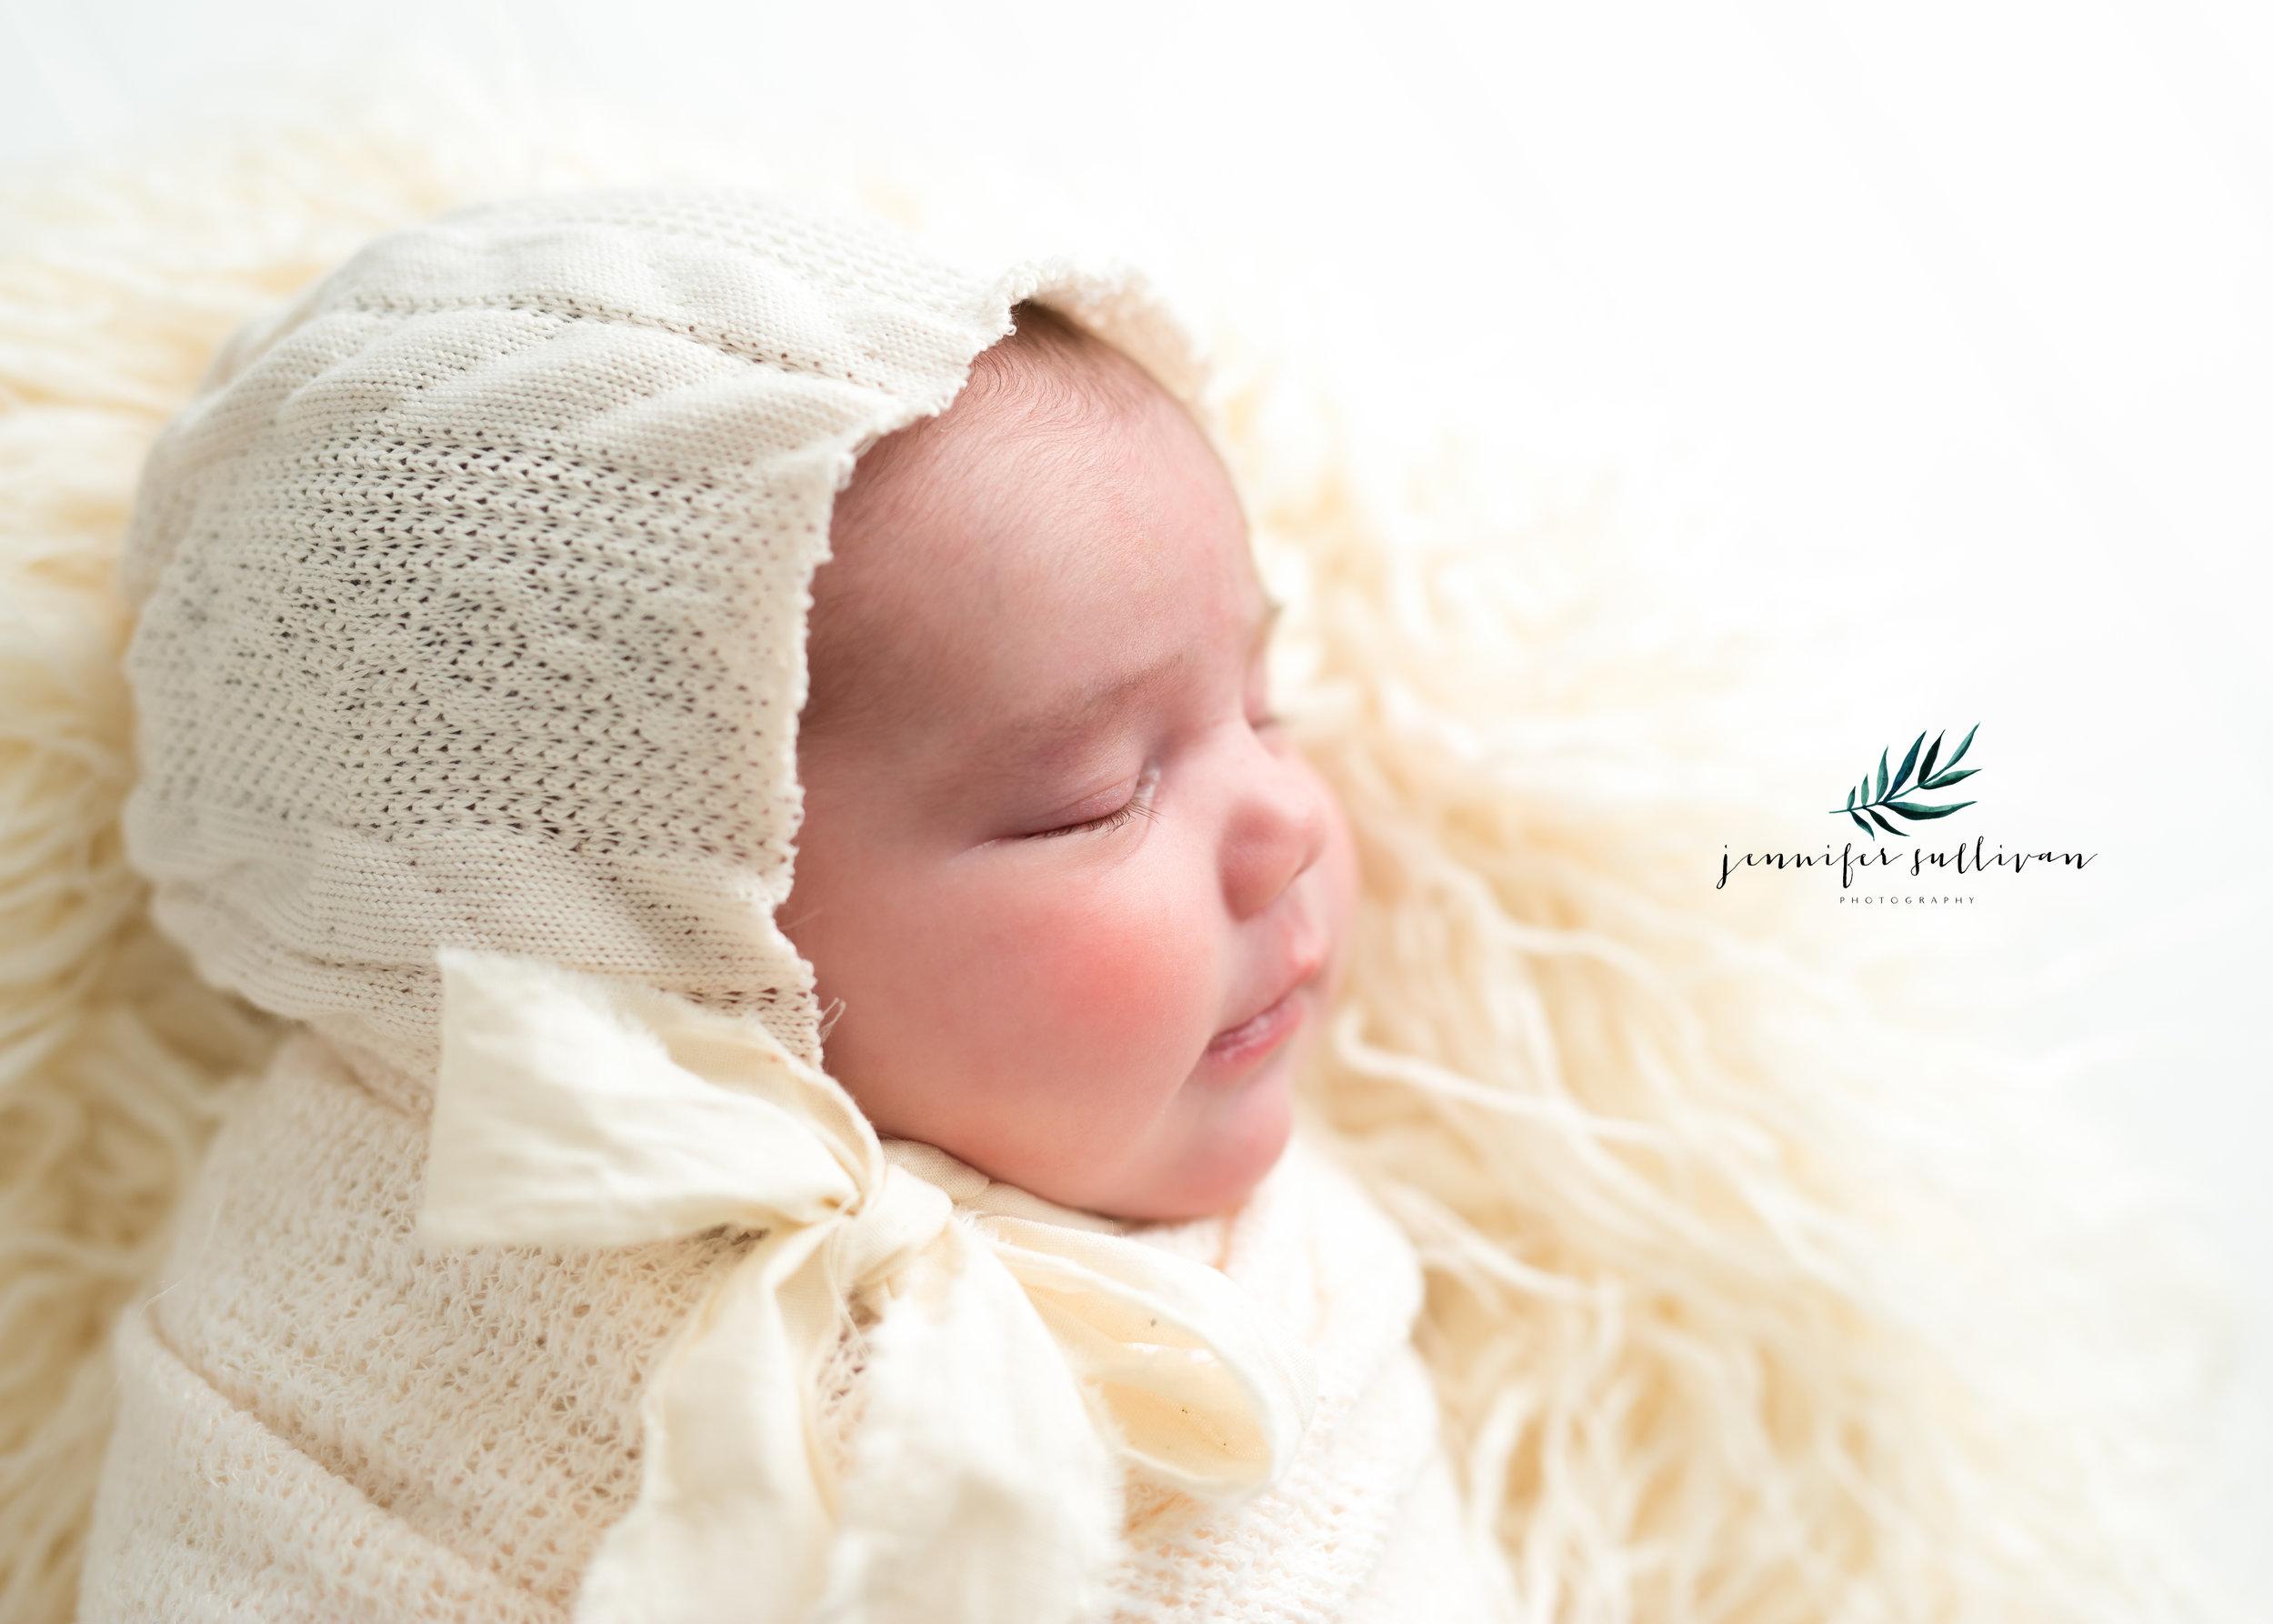 dartmouth massachusetts newborn photographer -400-7.jpg